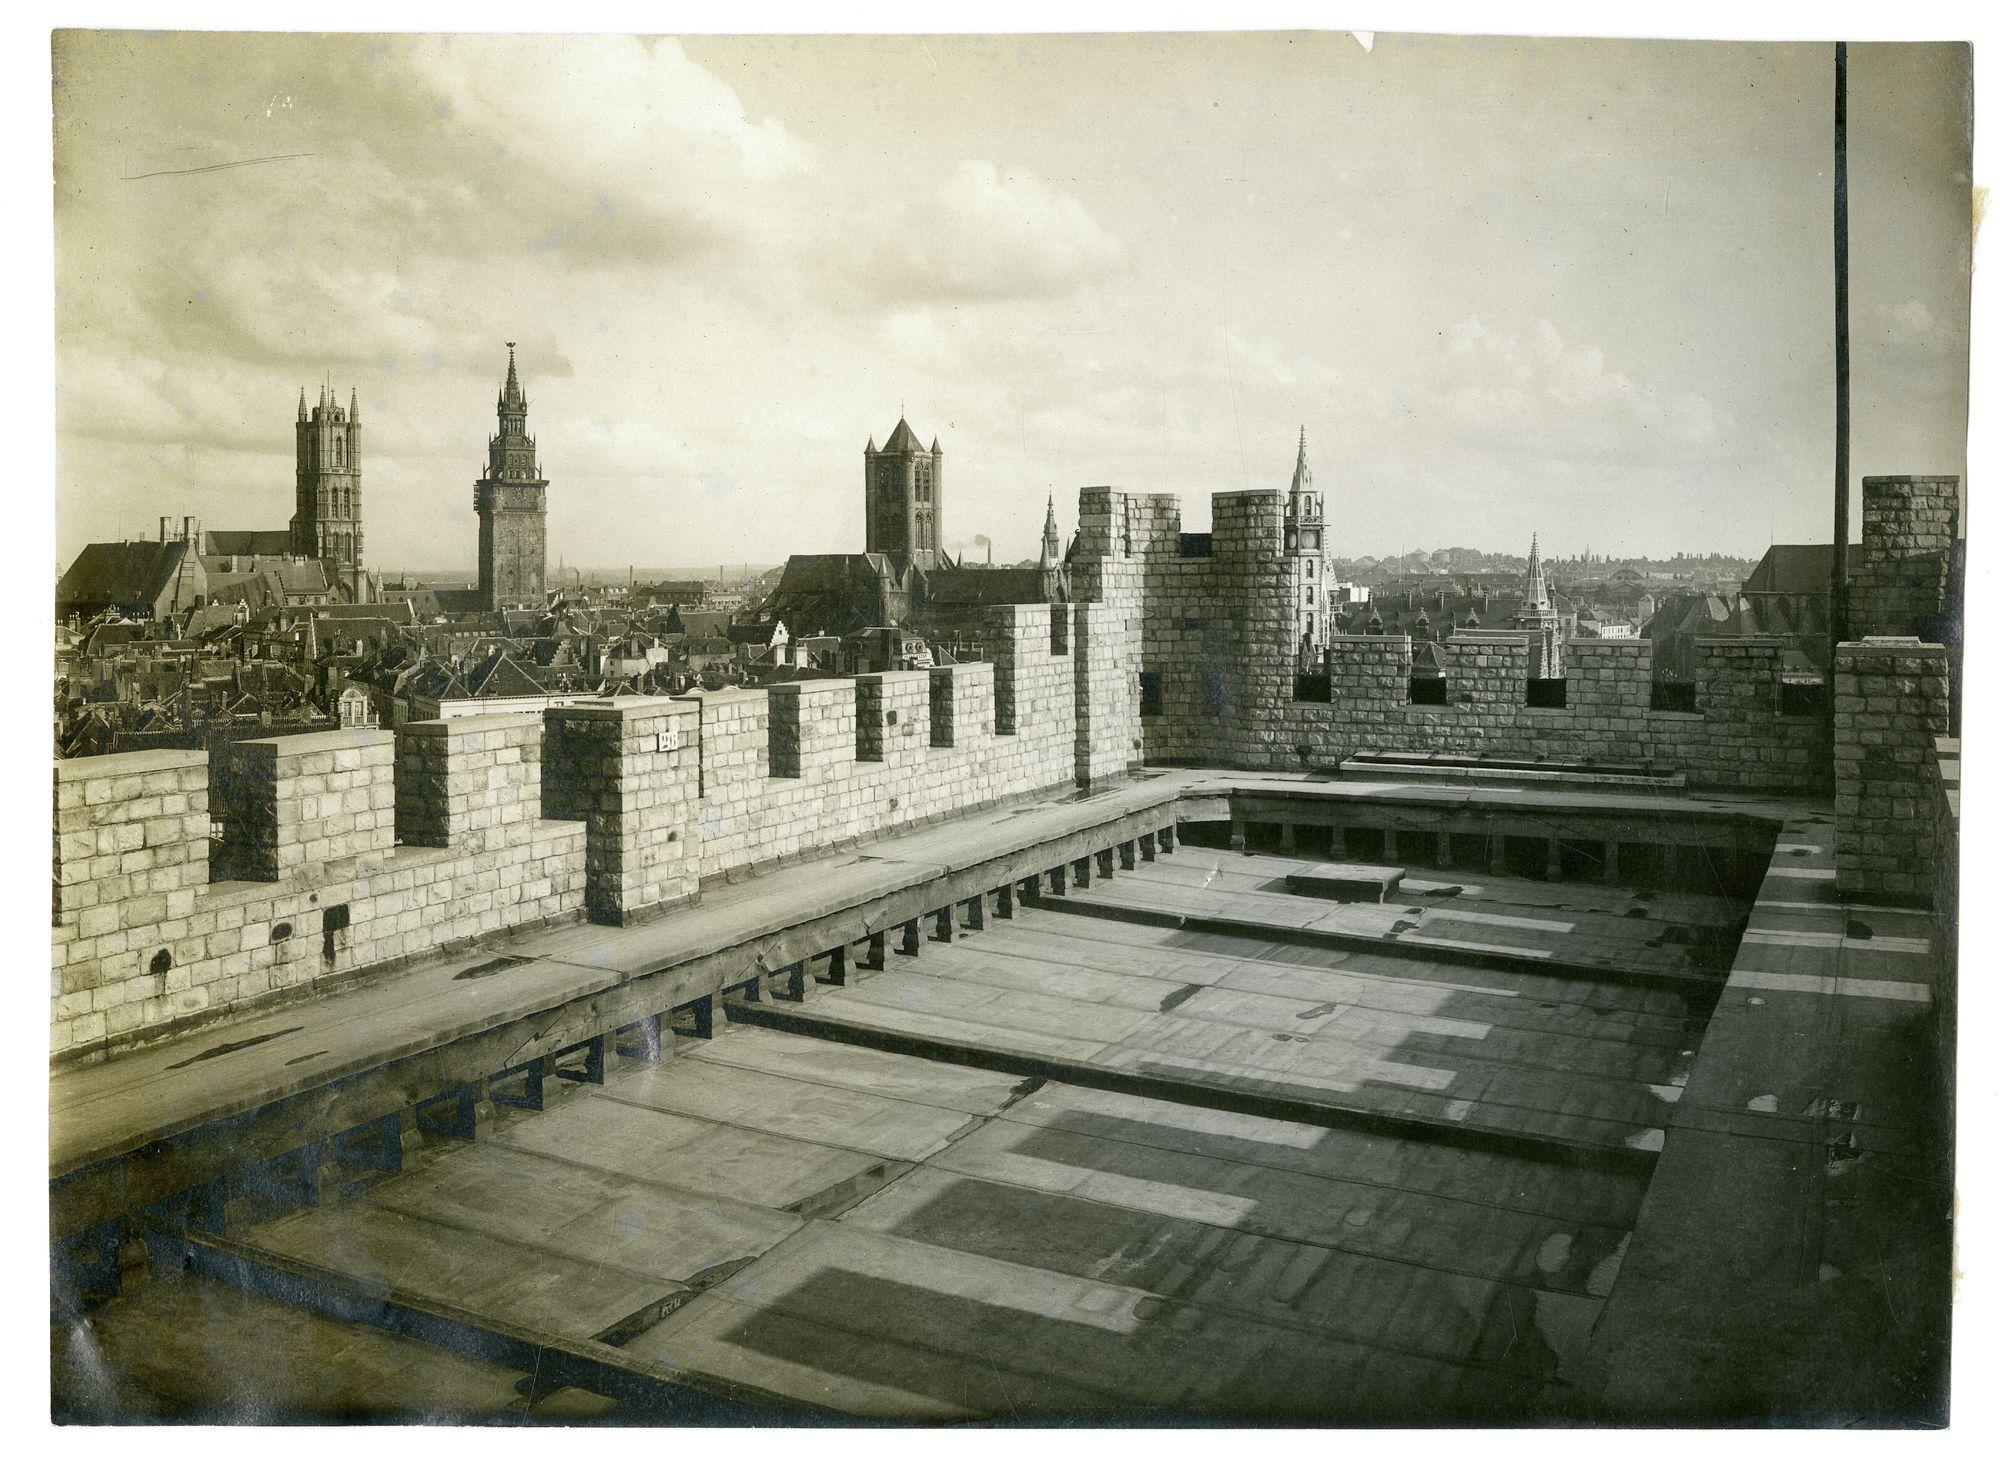 Gent: Gravensteen, dak van het poortgebouw met panorama van de Gentse torens